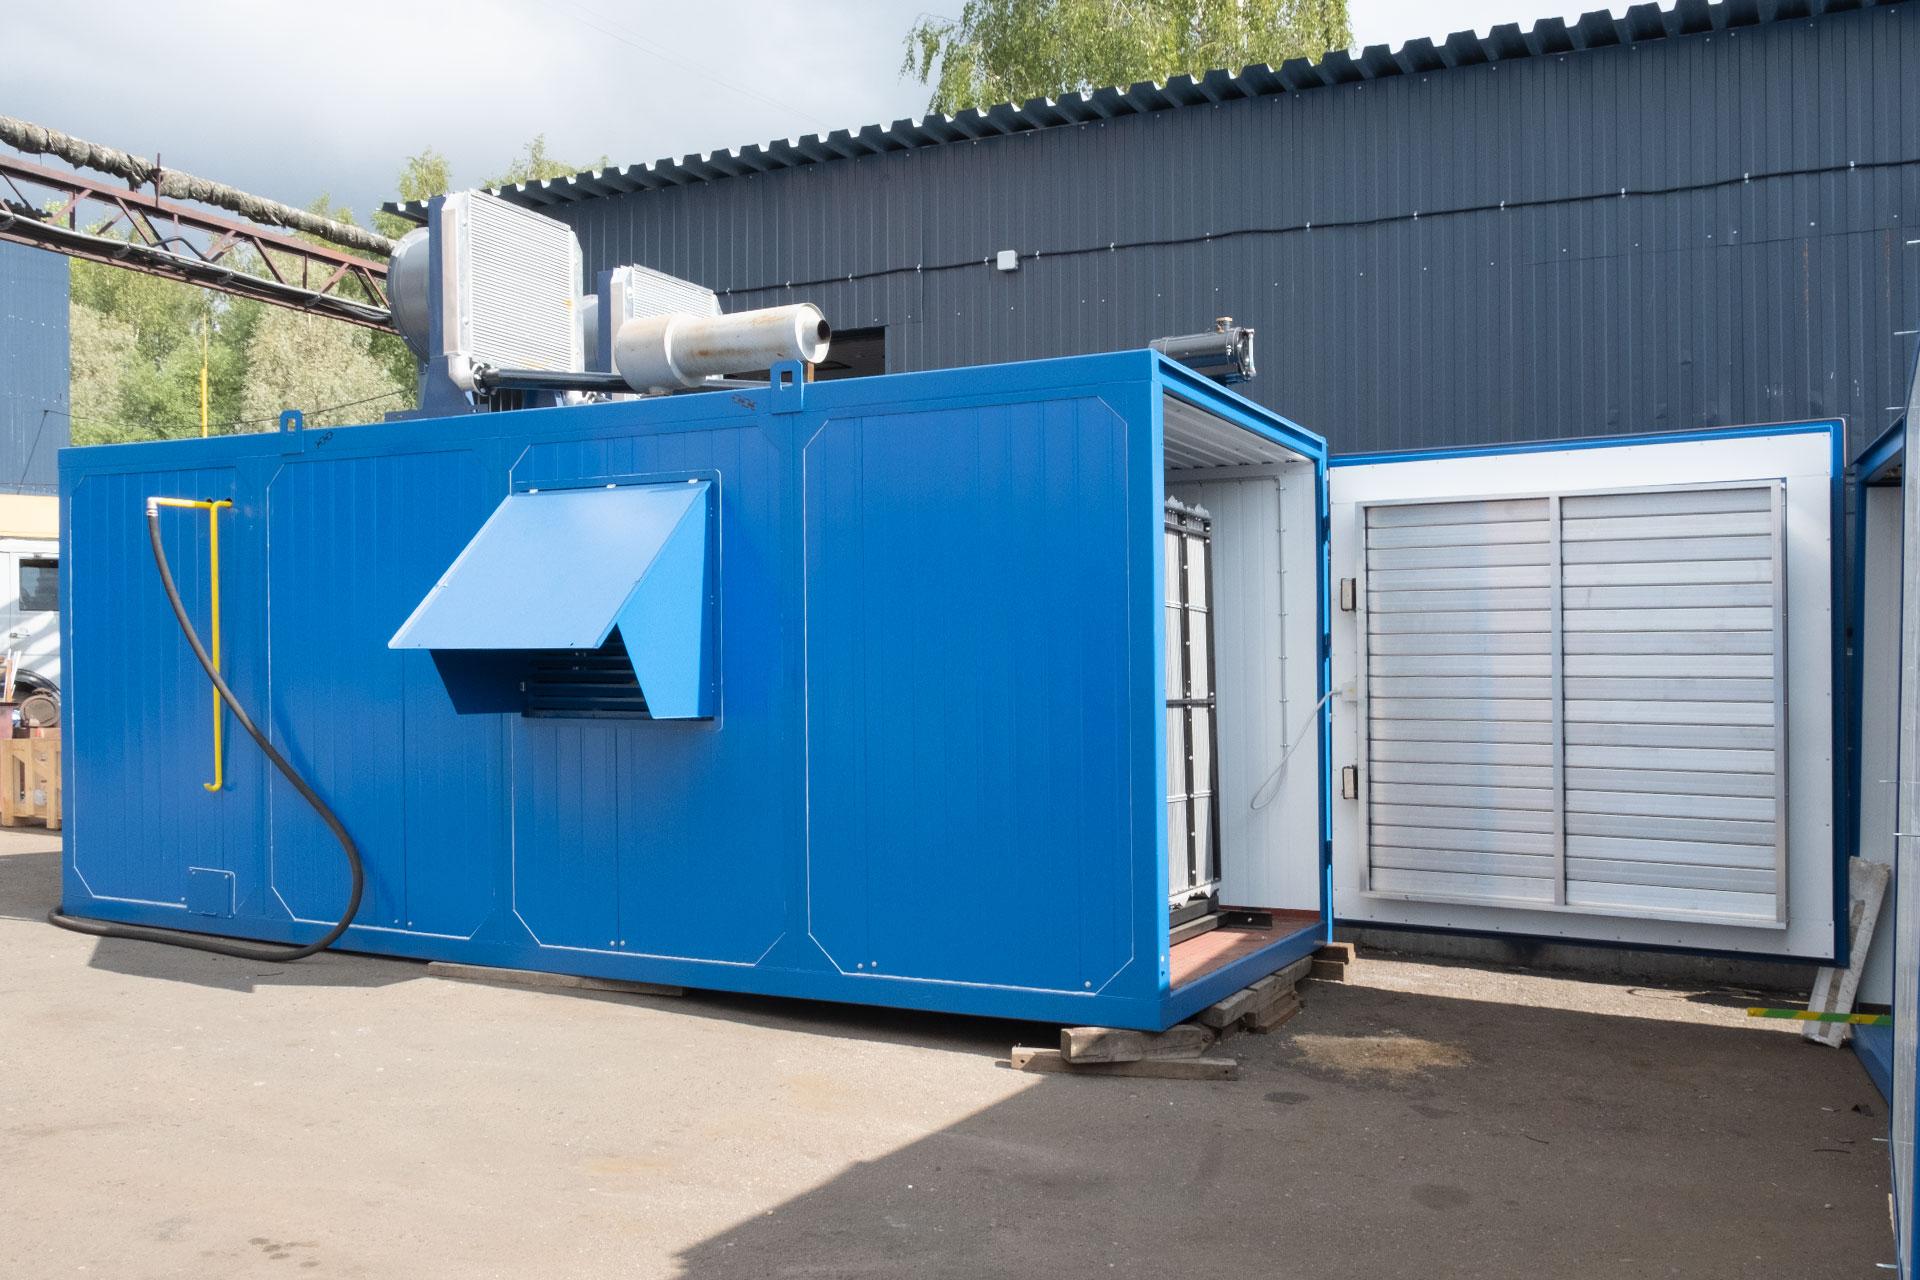 Блочно-контейнерные газопоршневые электростанции 2000 кВт, ГПУ-2000, АГП-2000, ЭГП-2000, ГПЭС-2000, АГ-2000, БКГПЭА-2000